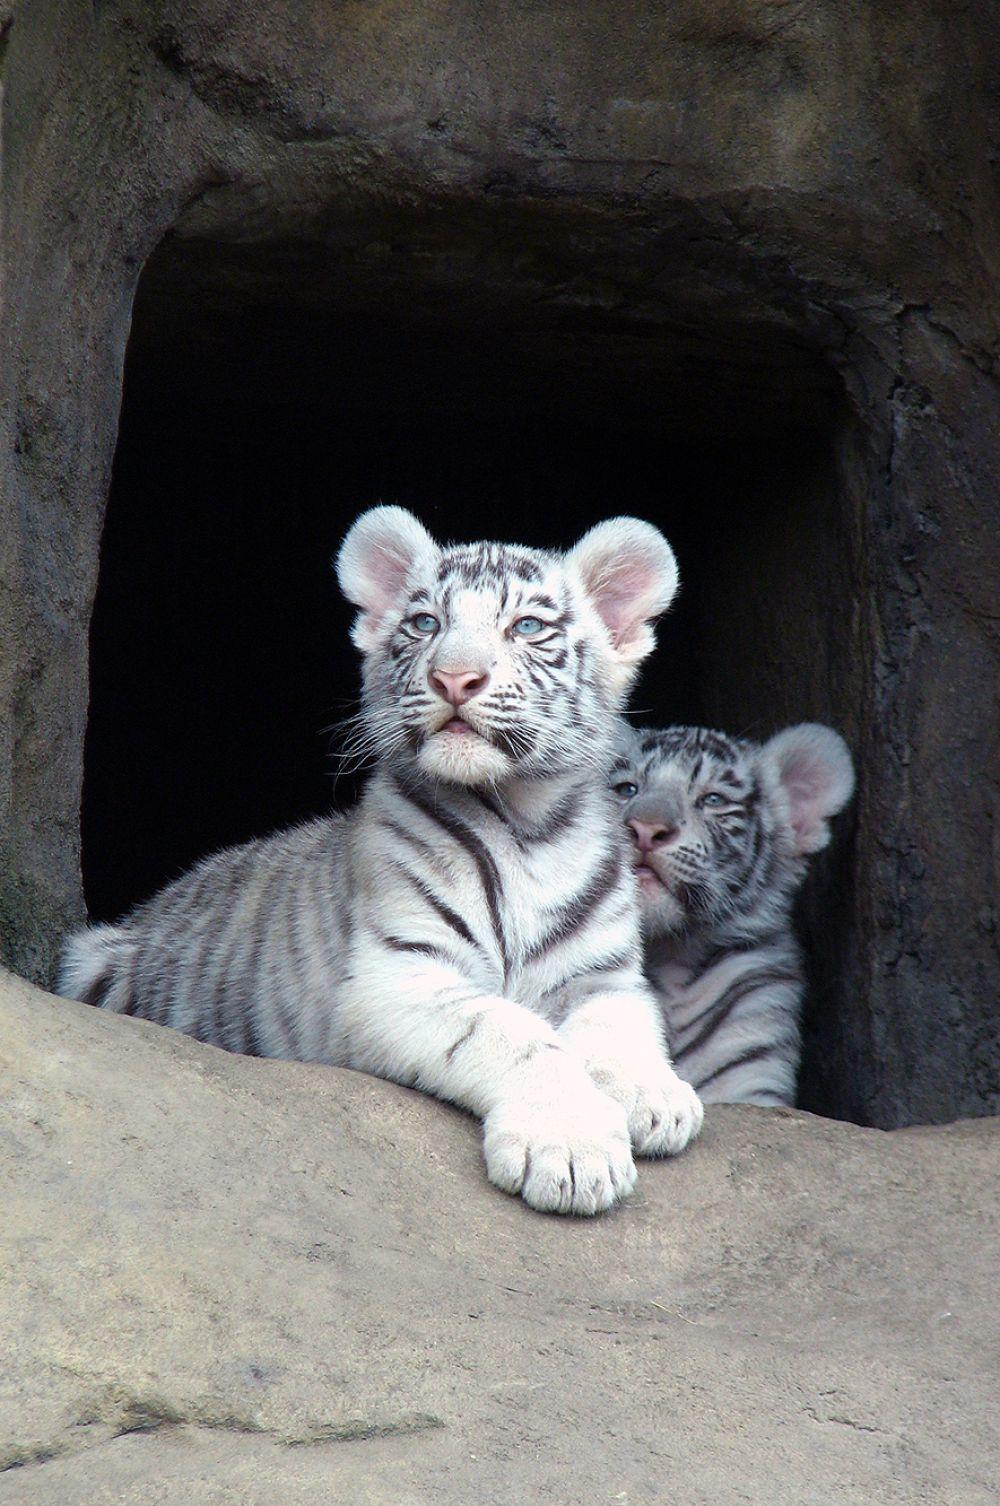 В экспозиции Московского зоопарка среди прочих представлены бенгальские тигры. Они размножаются в вольерах, а потому посетители регулярно имеют возможность увидеть маленьких тигрят.